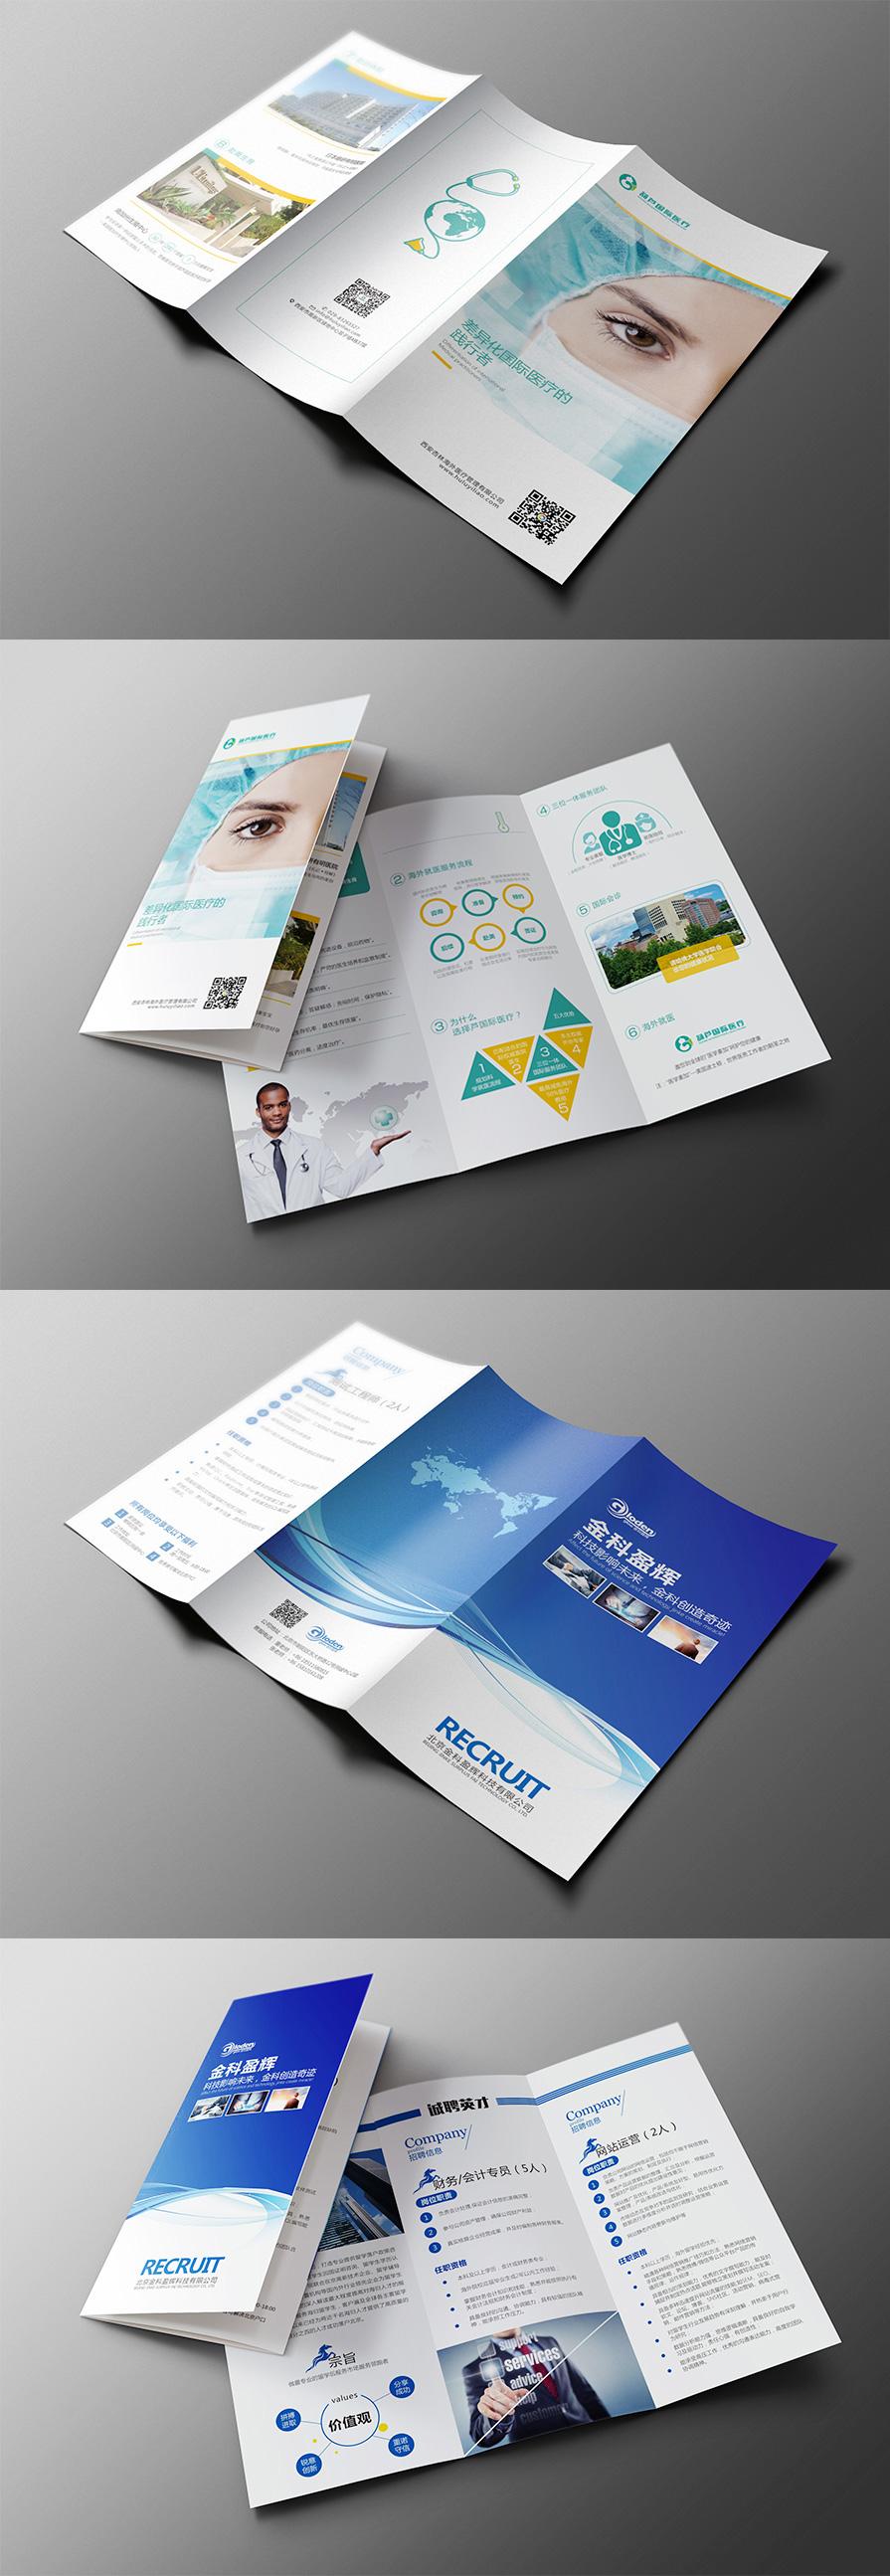 品牌广告语口号产品故事广告词宣传语slogan公司品牌策划